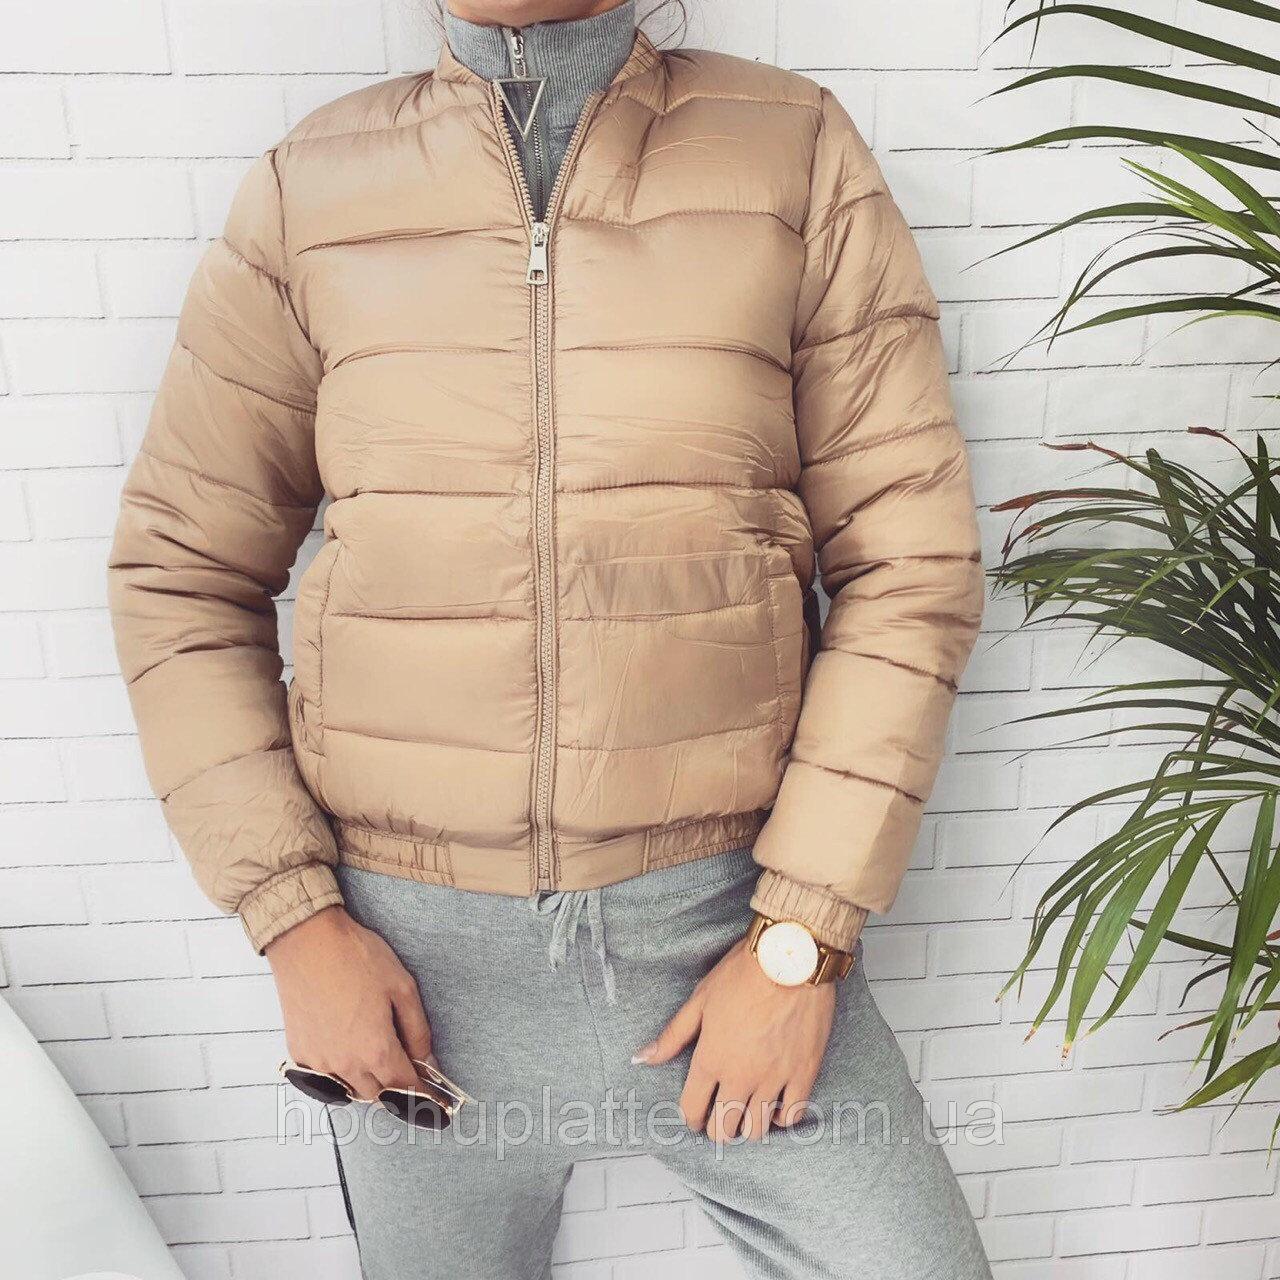 Женская короткая куртка из плащевки на холофайбере с карманами и на молнии (42-46) Бежевый